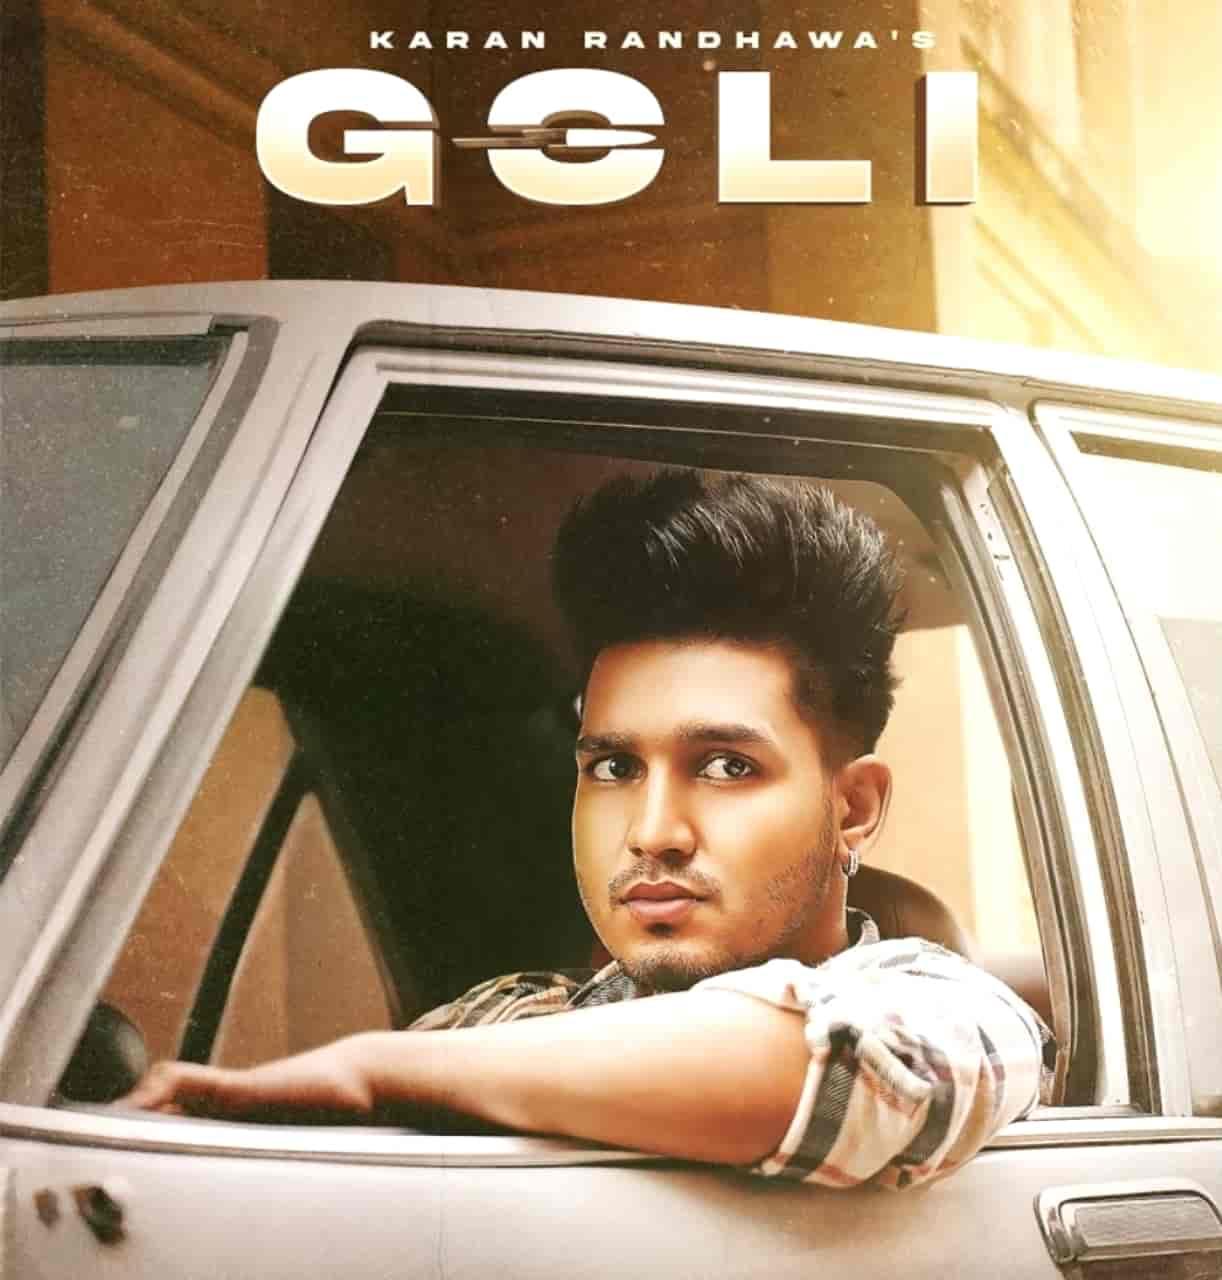 Goli Punjabi Song Lyrics Karan Randhawa